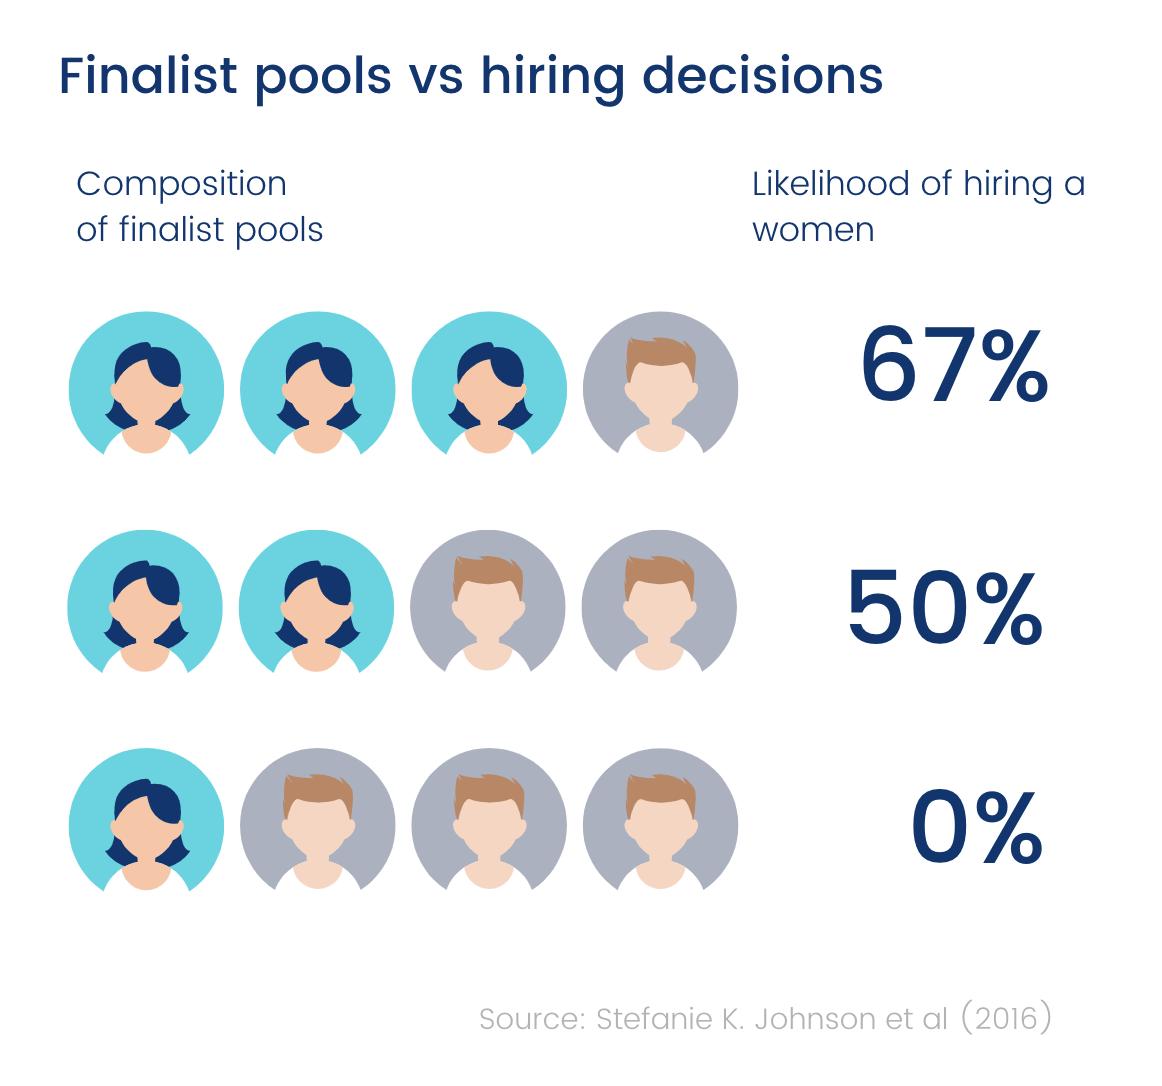 Finalist pools vs hiring decisions chart